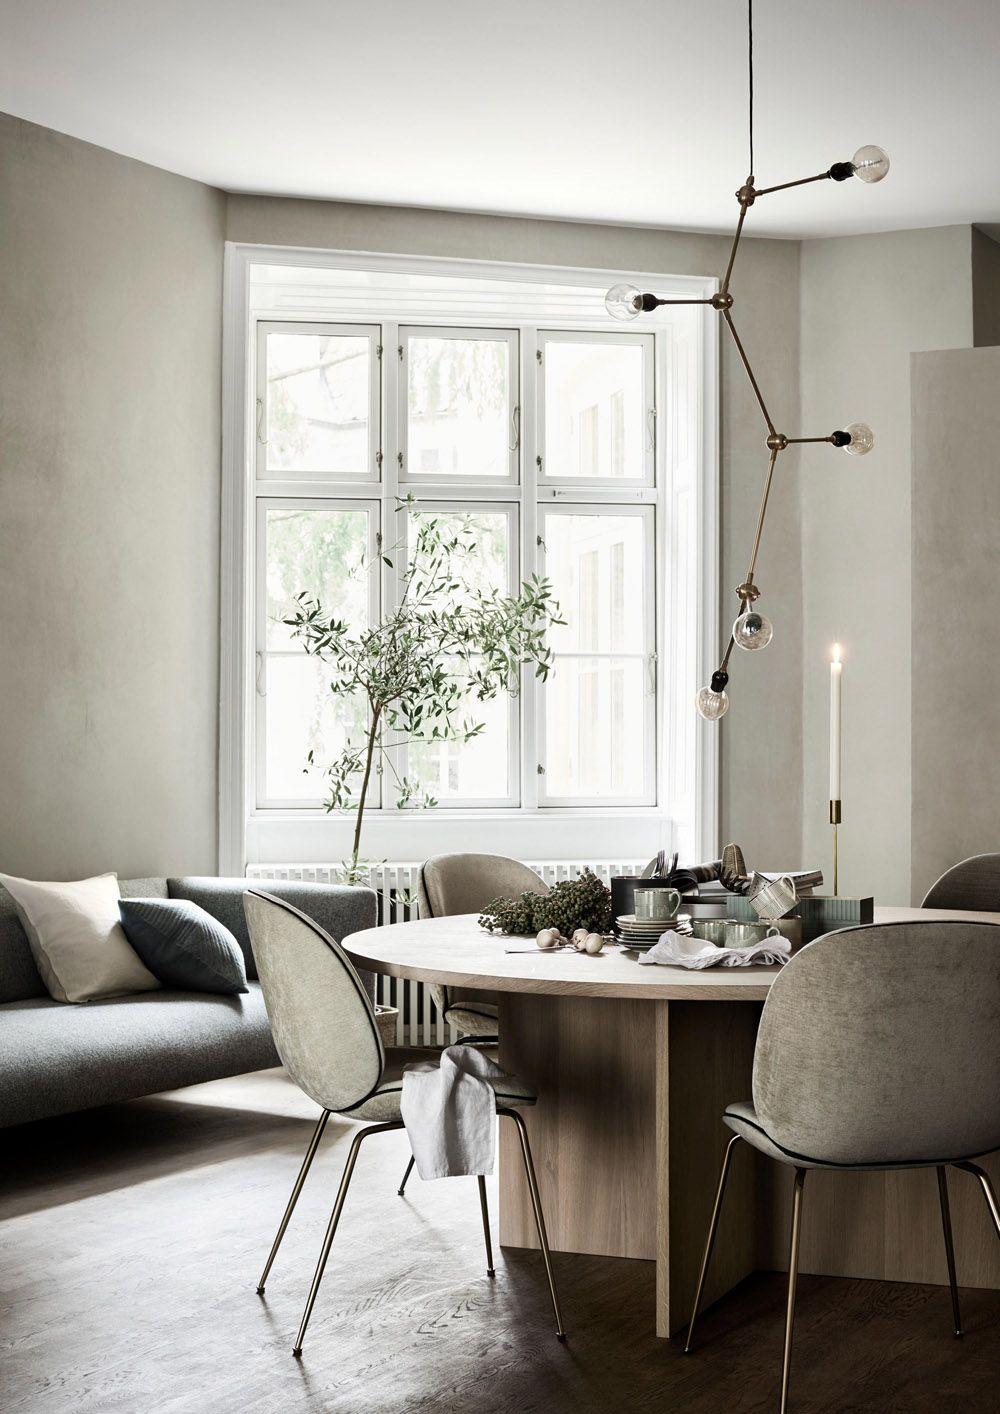 Unglaubliche wohndesign Ideen | Wohnzimmer Ideen | #wohndesignideen ...